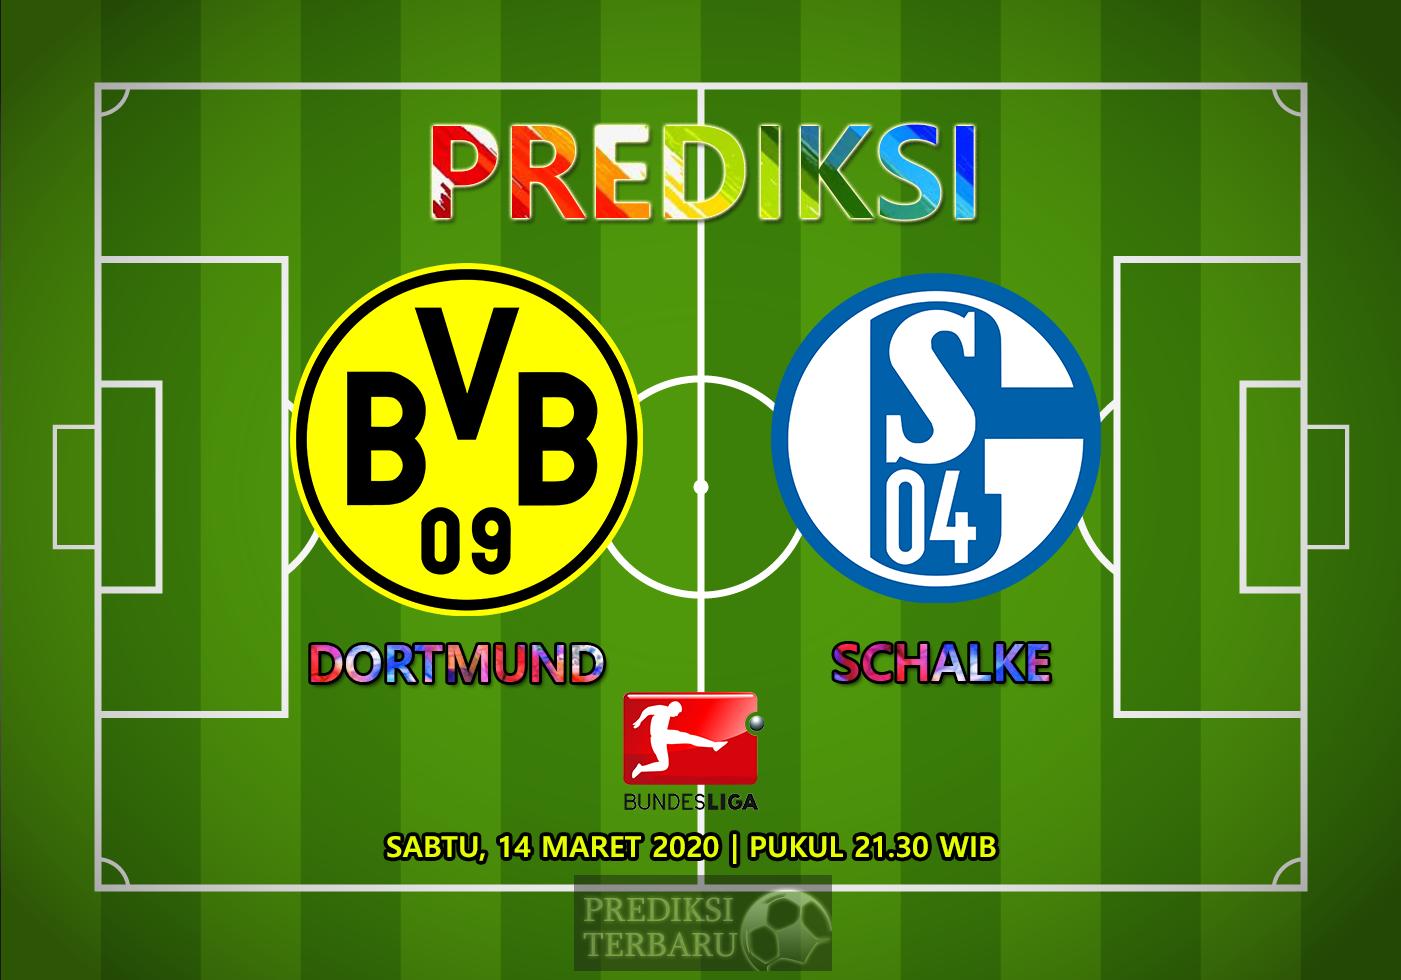 Prediksi Borussia Dortmund Vs Schalke 04 Sabtu 14 Maret